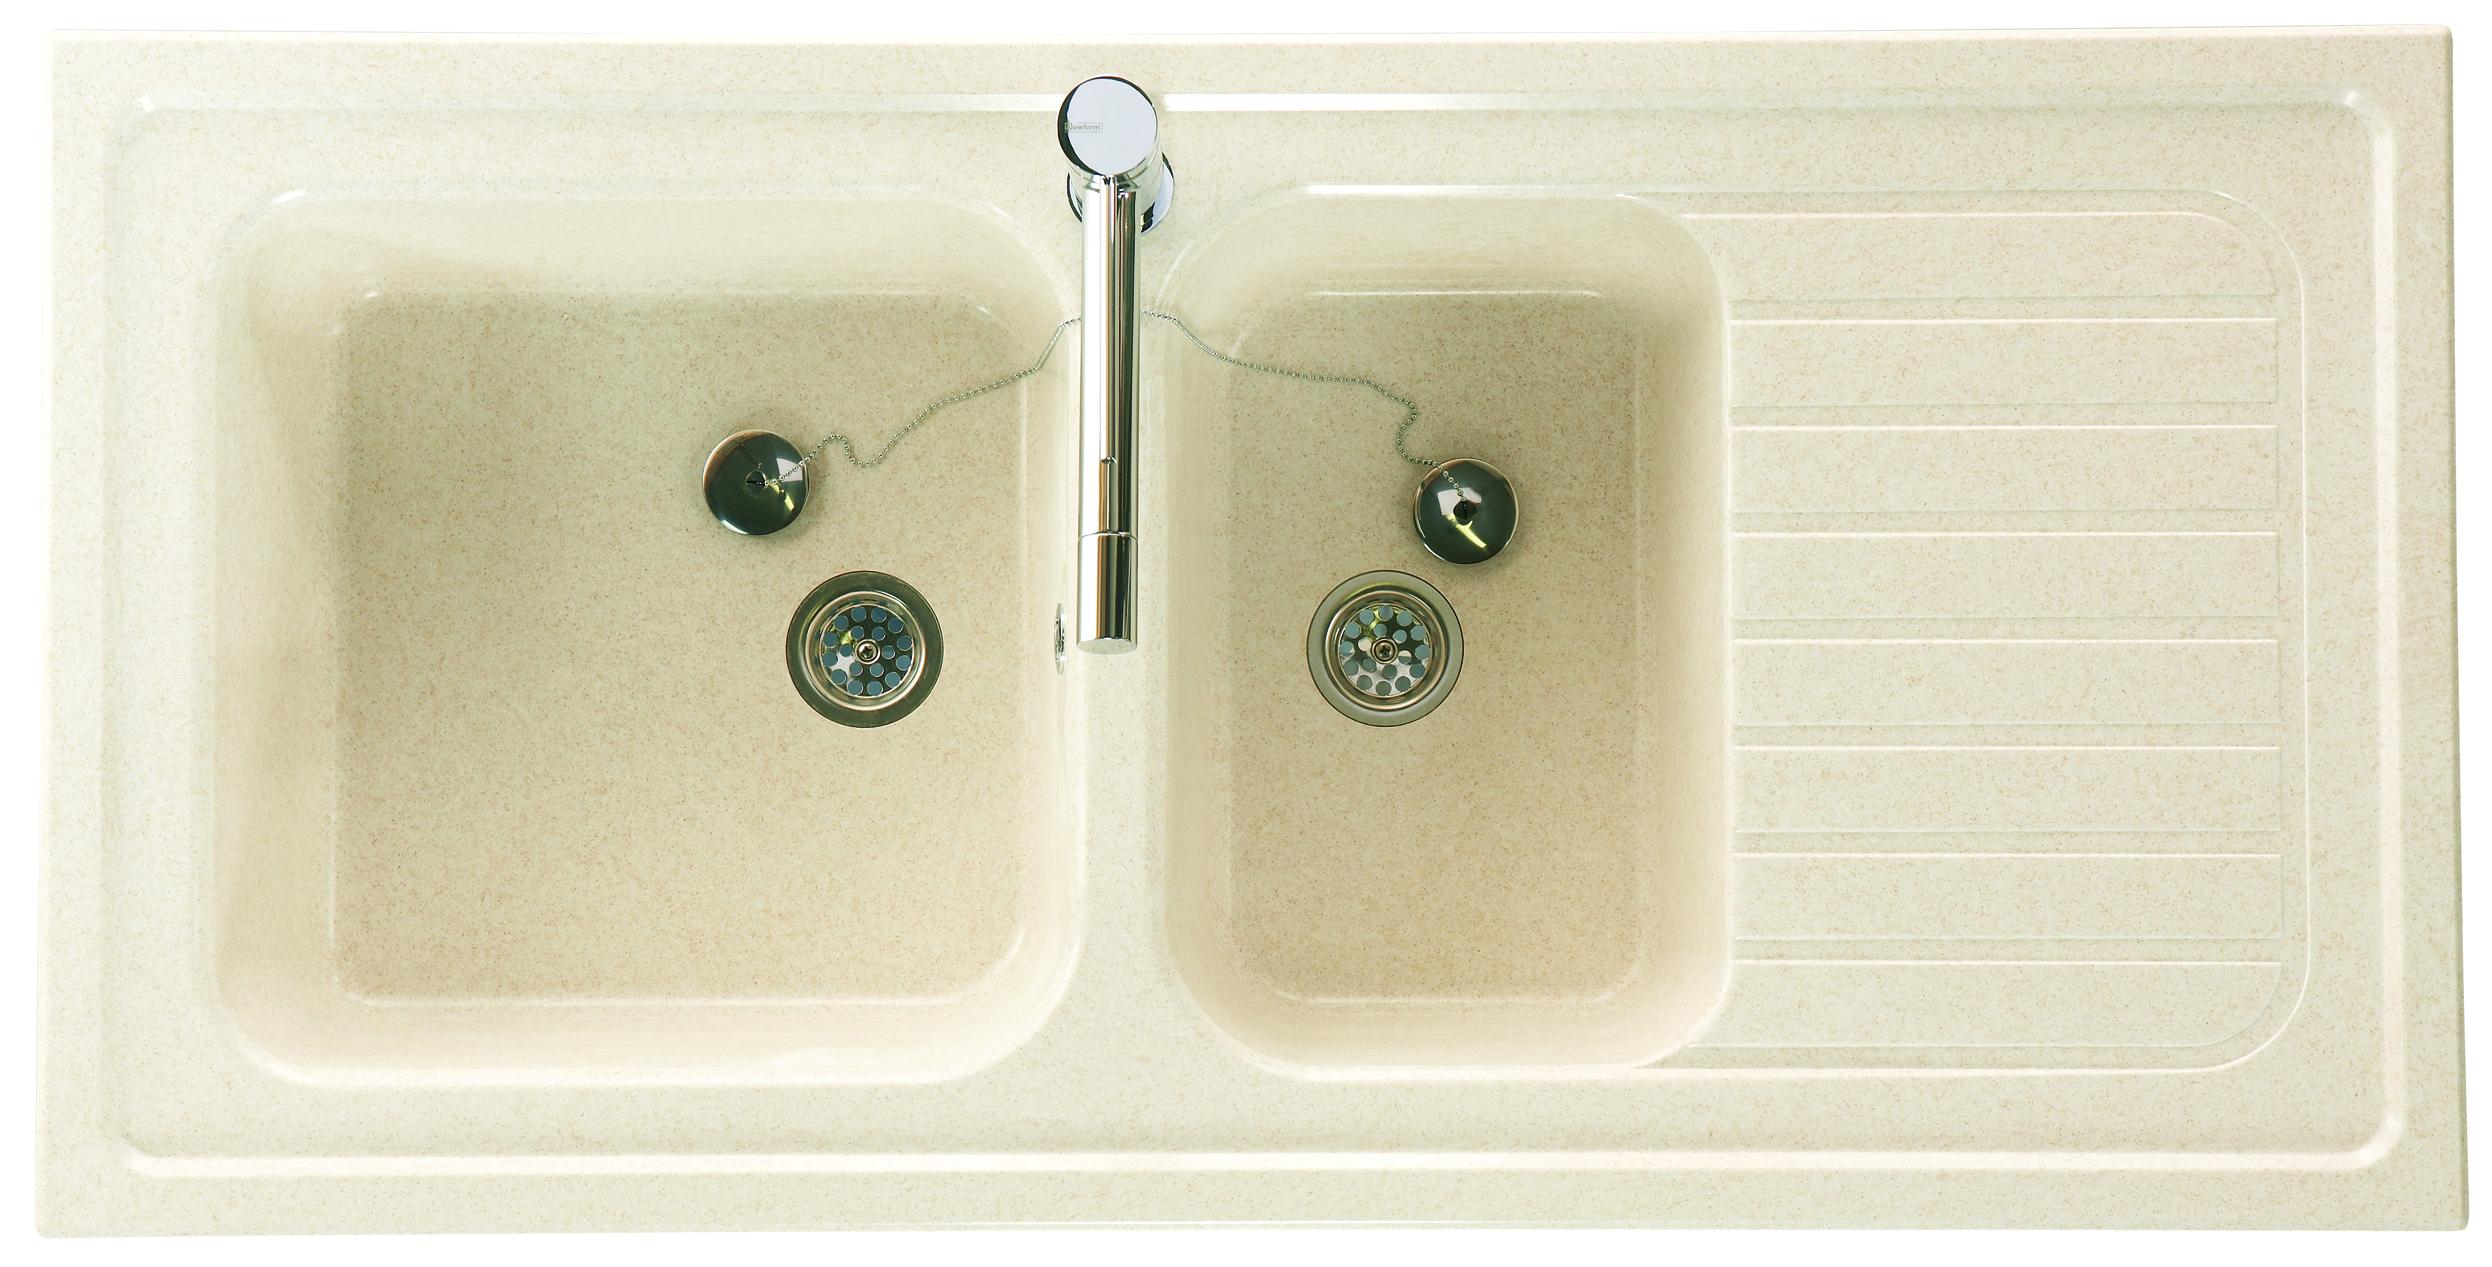 Carea sanitaire normandie carea sanitaire for Sanitaire baignoire